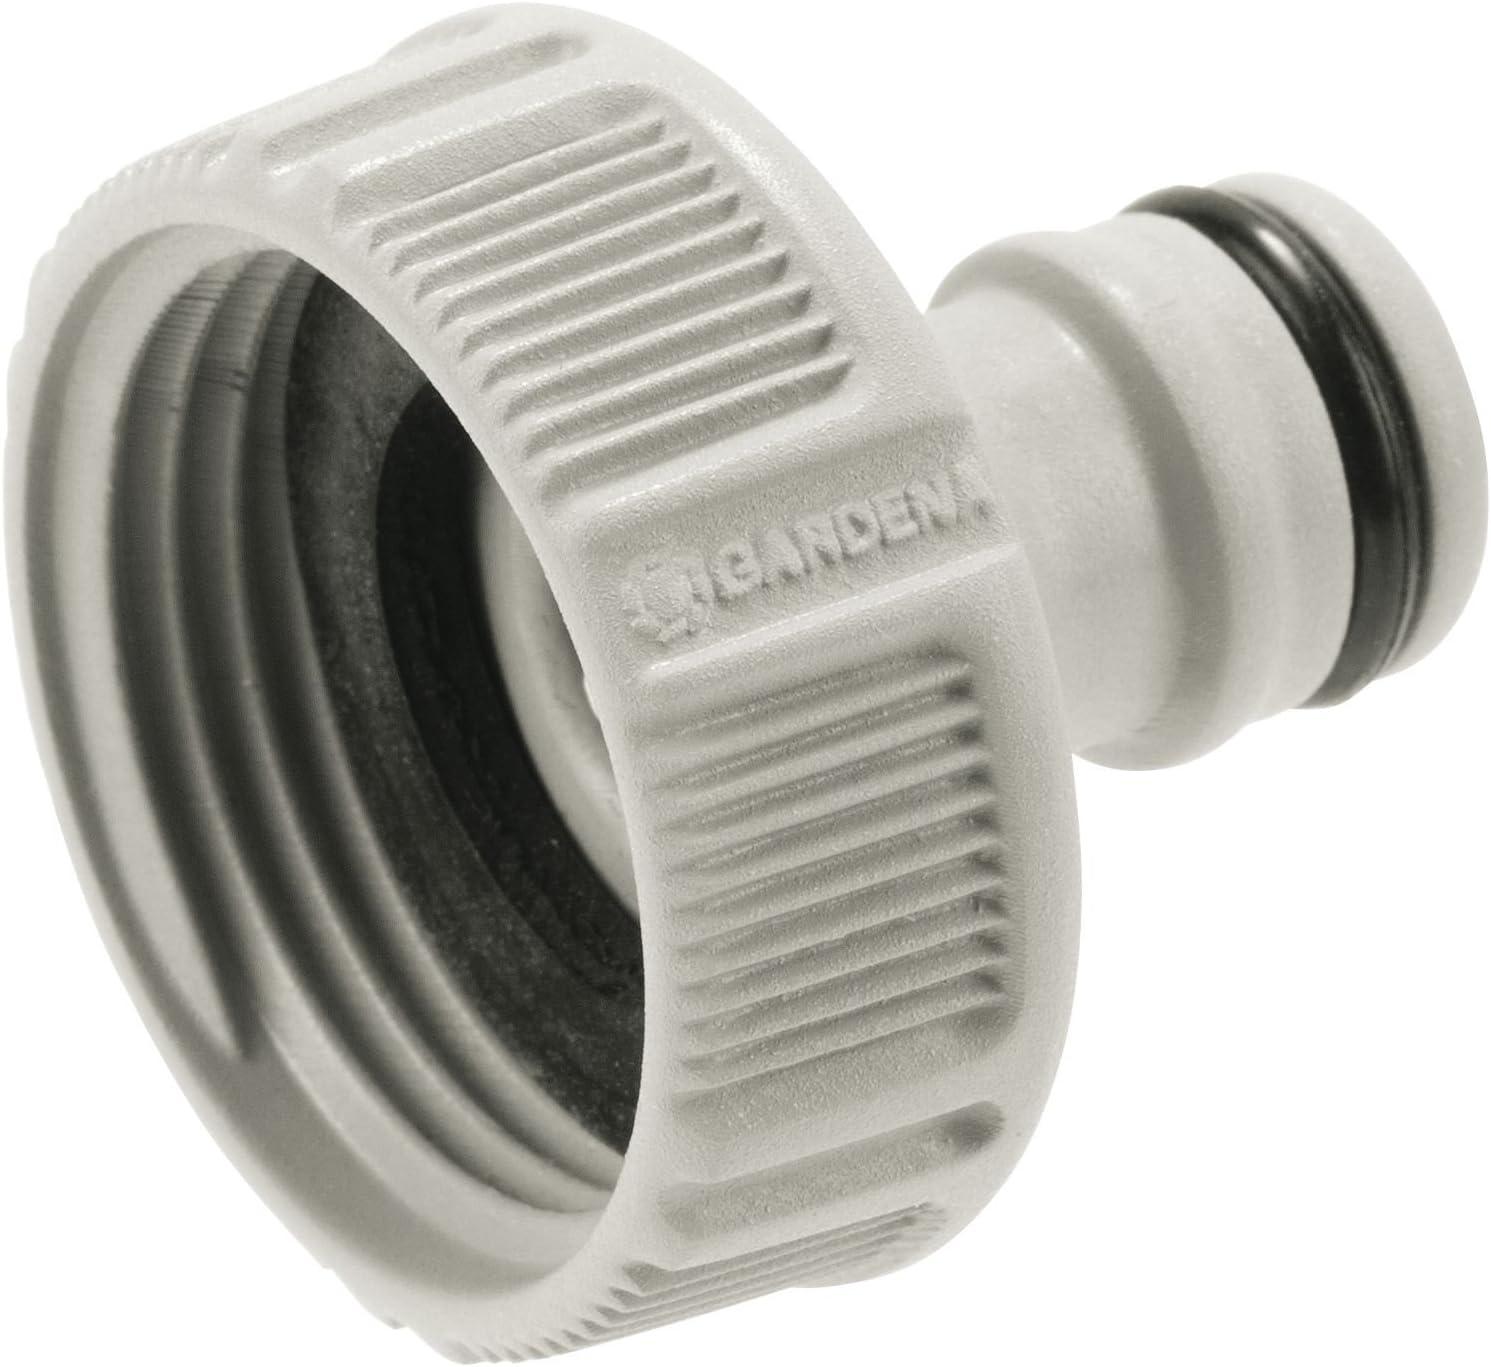 GARDENA Hahnverbinder 21 mm 18200 G 1//2